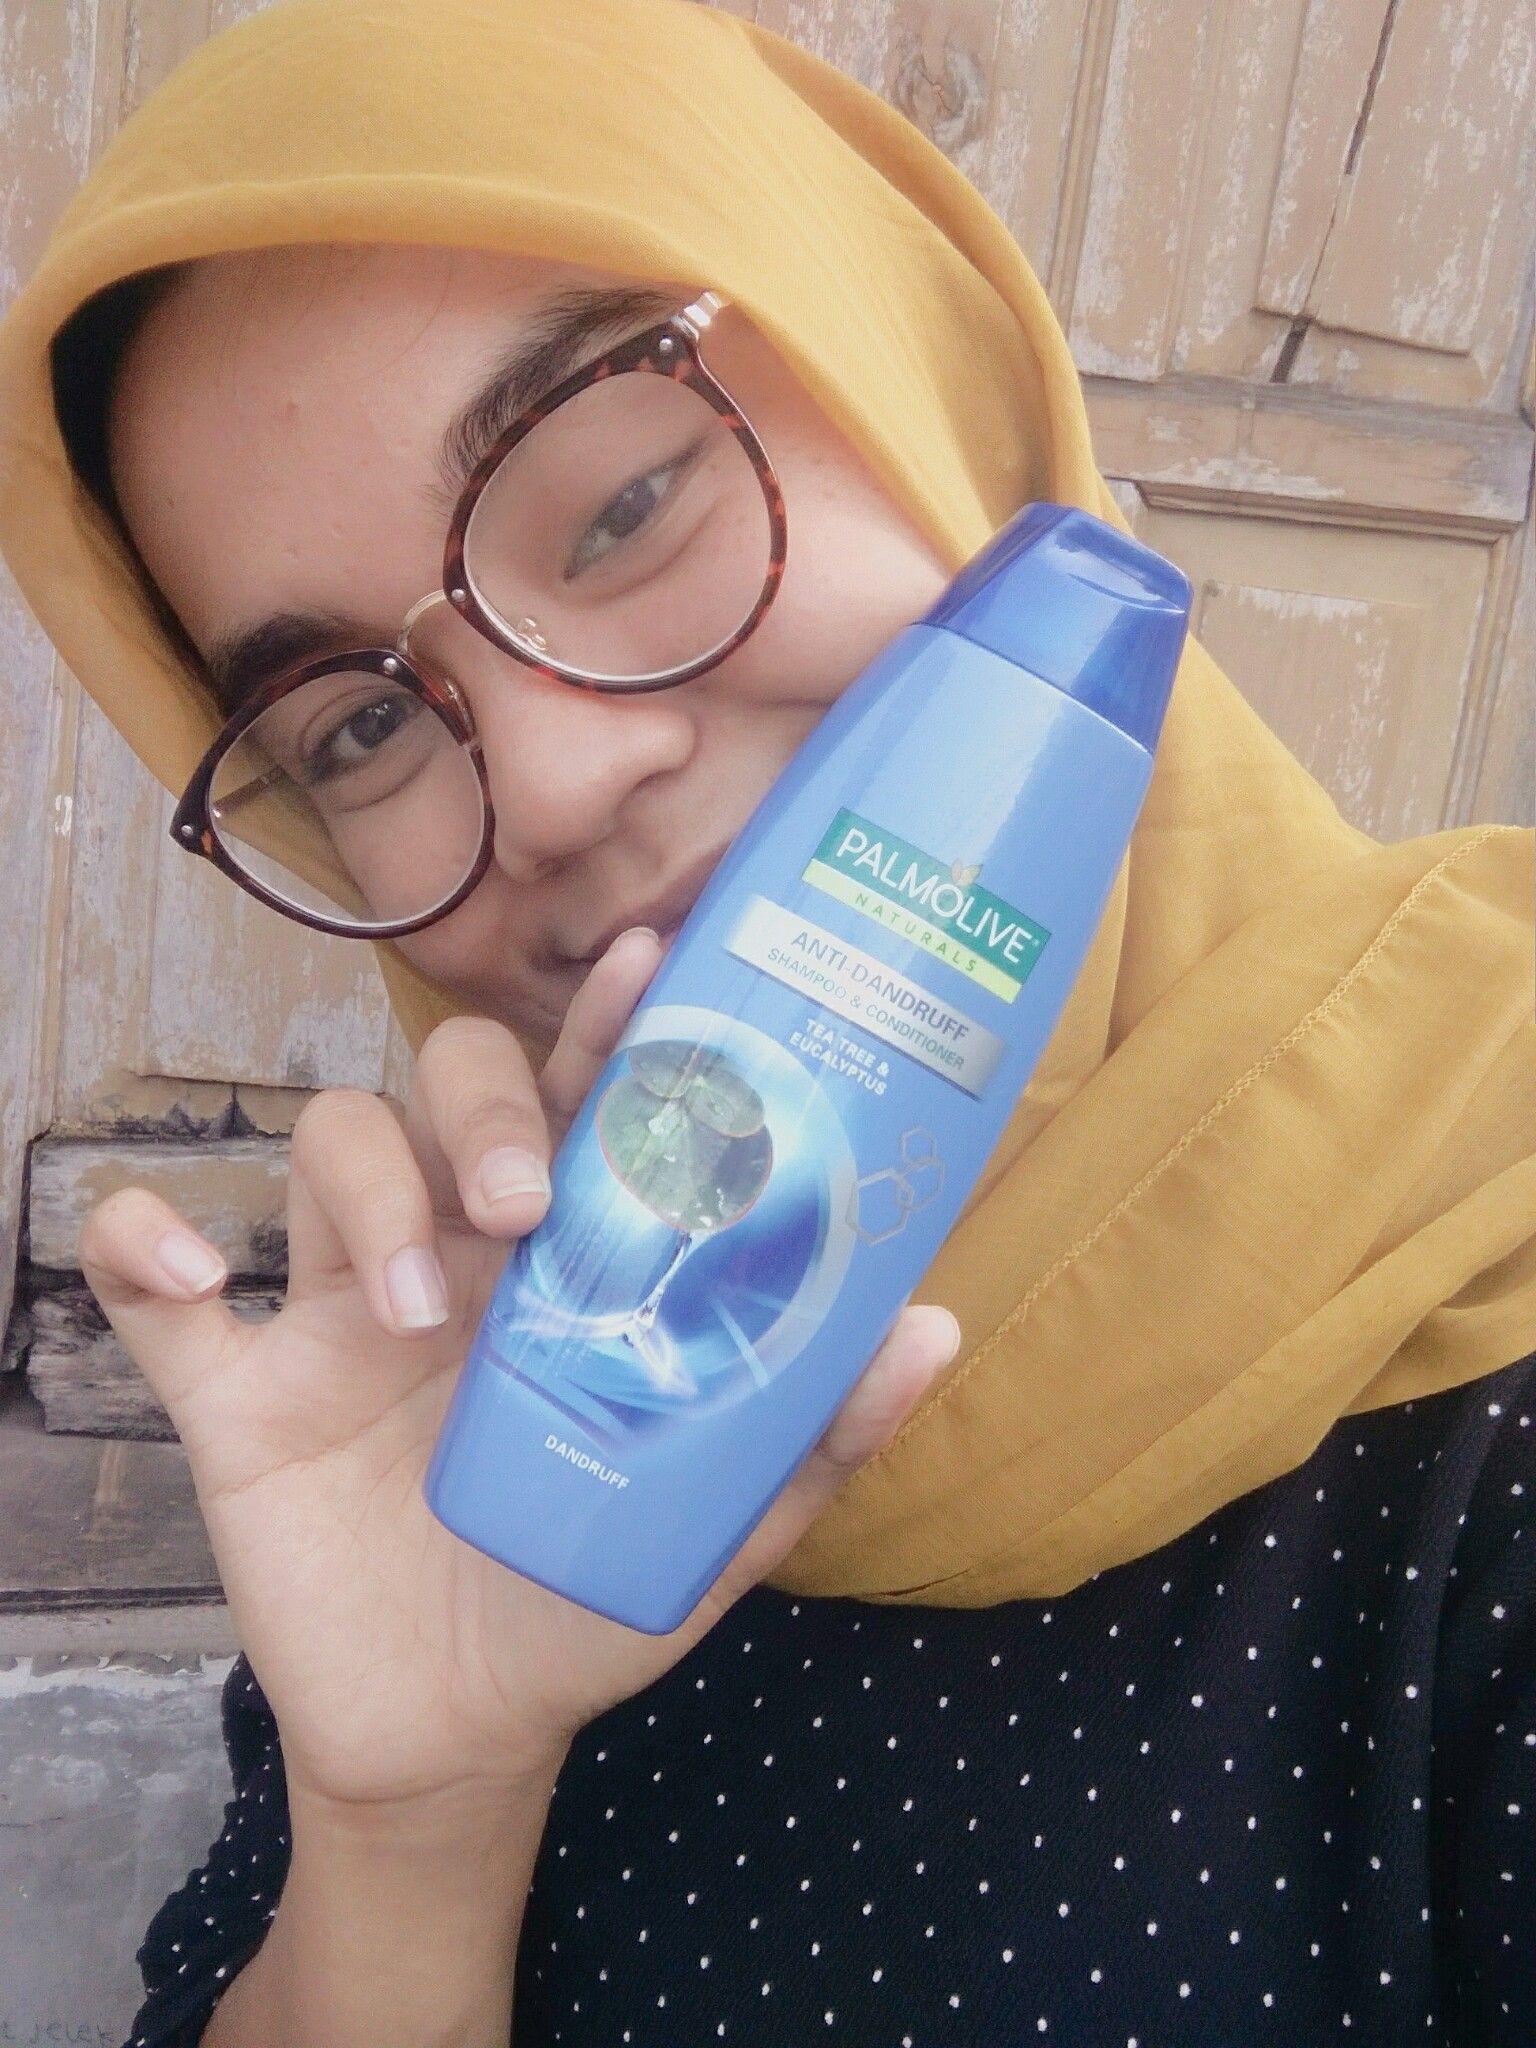 image review Palmolive Shampoo - Anti Dandruff